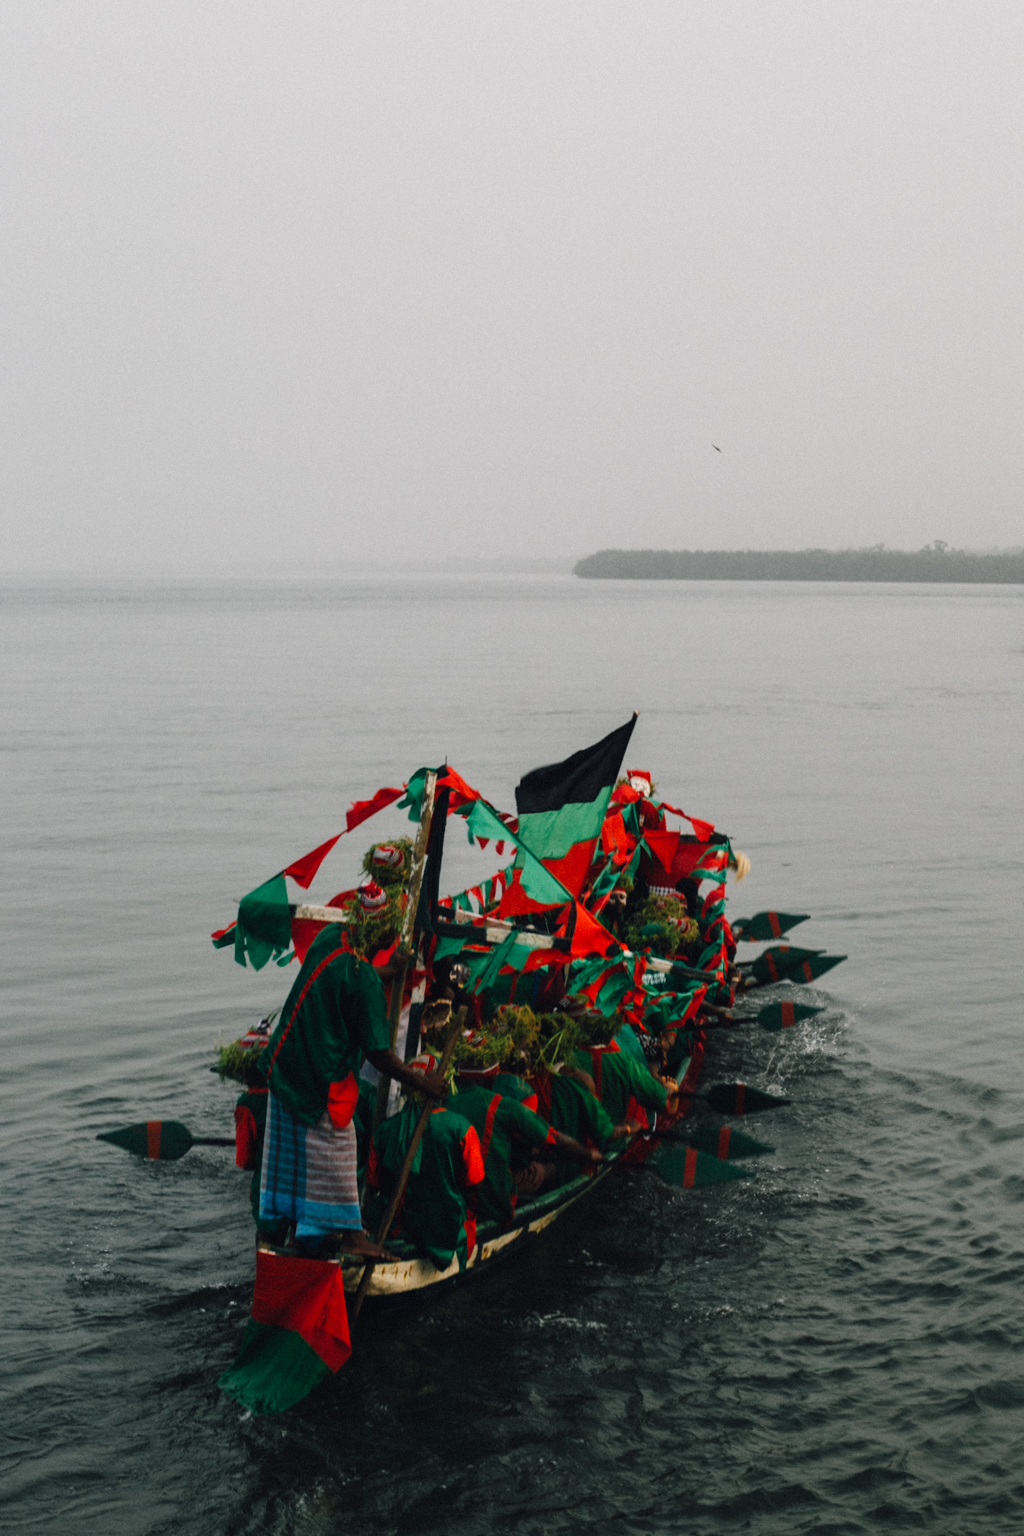 Opobo Boat Regatta, 2015